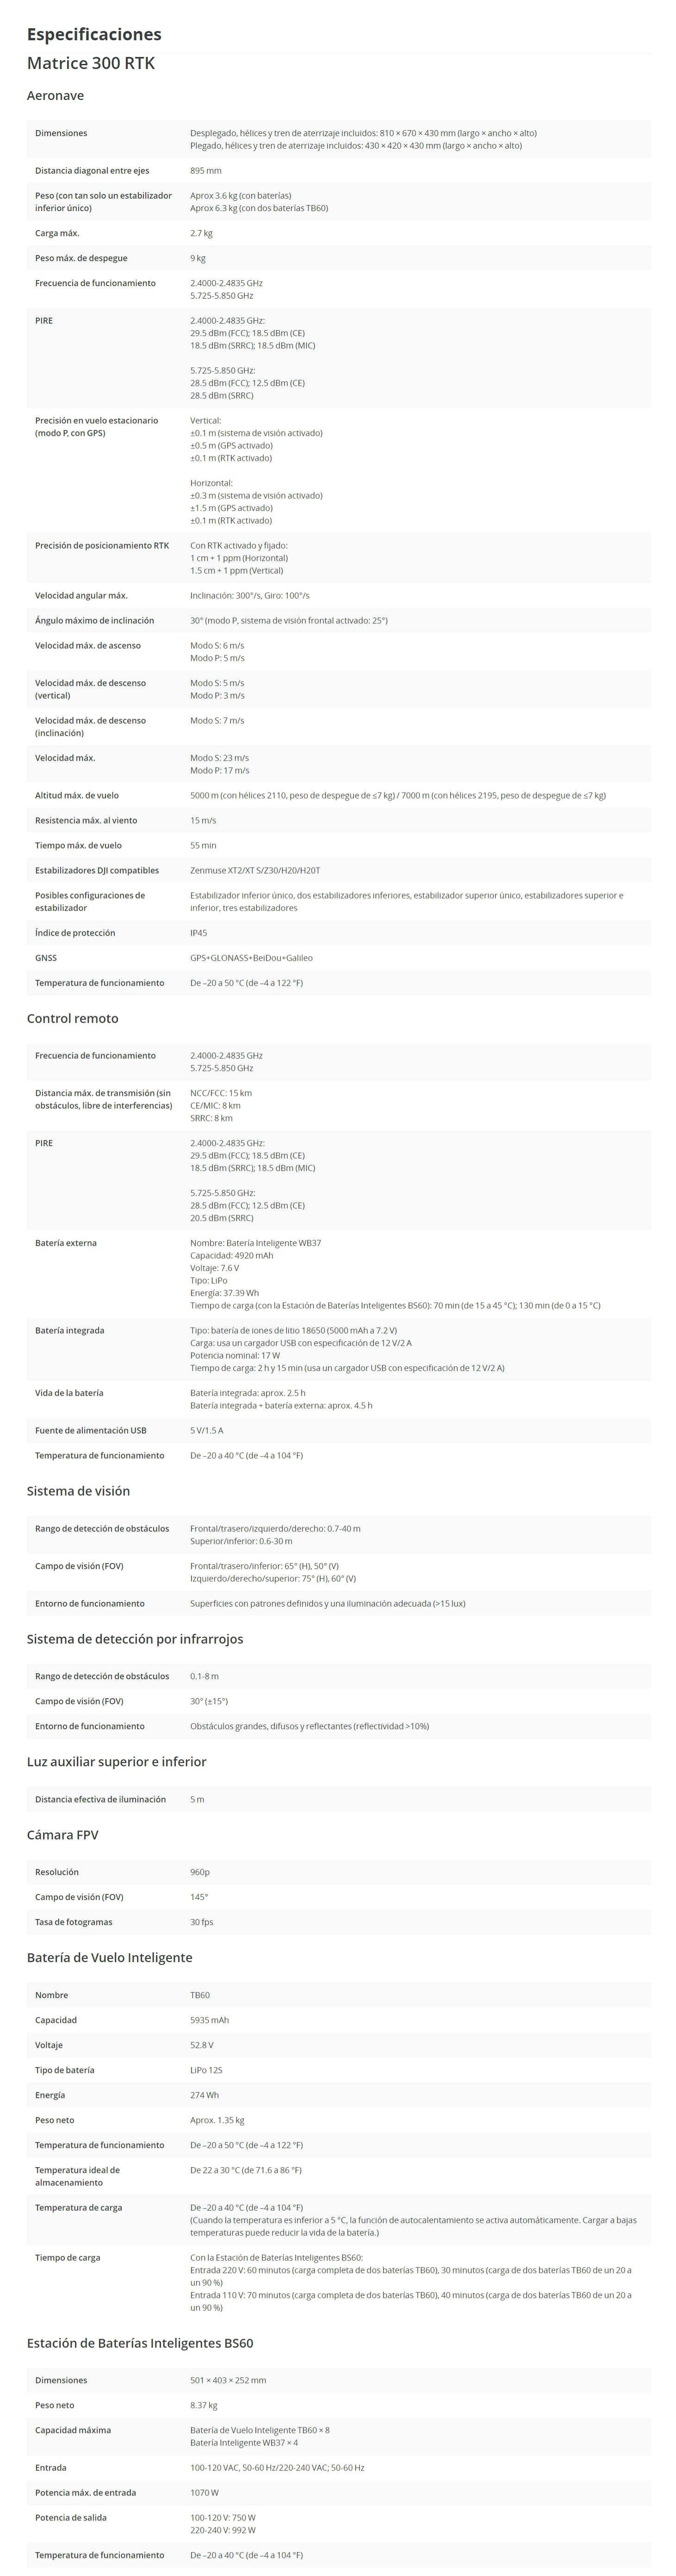 Especificaciones técnicas M300 RTK